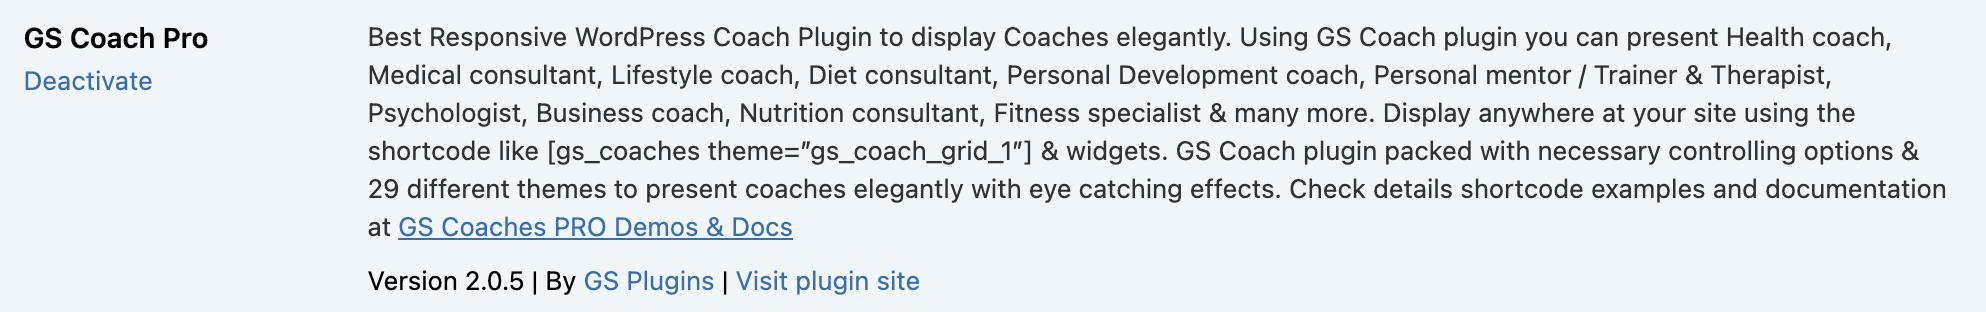 Activate GS Coach